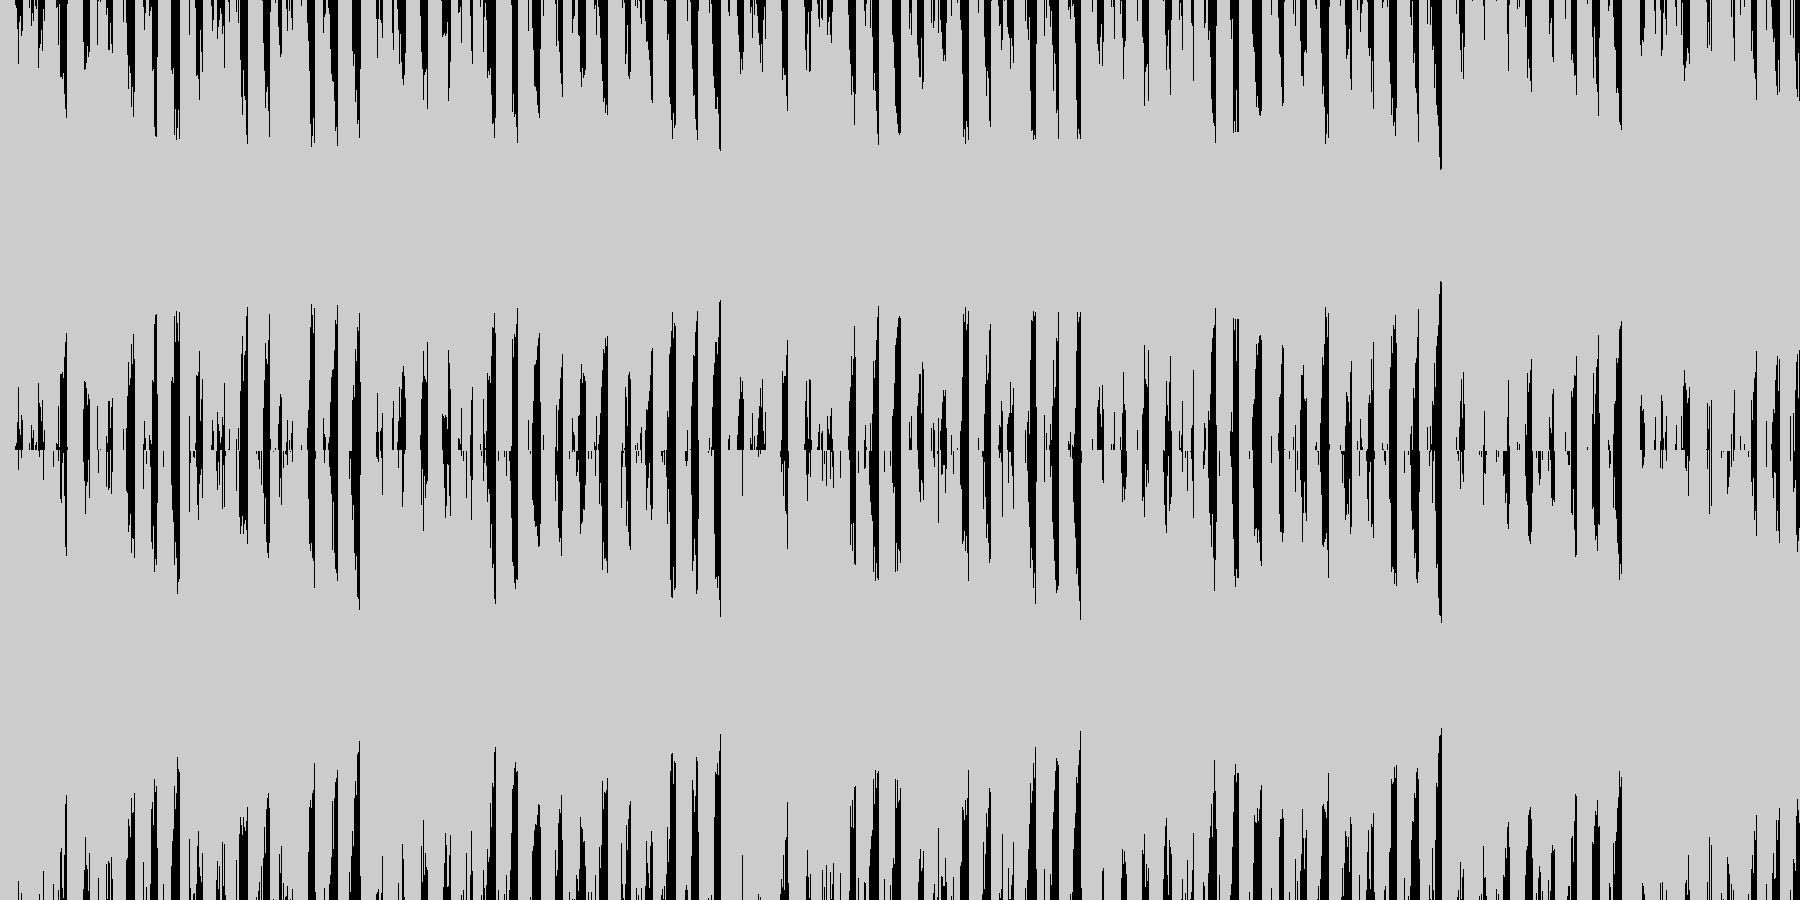 和風ロック調のループ曲の未再生の波形